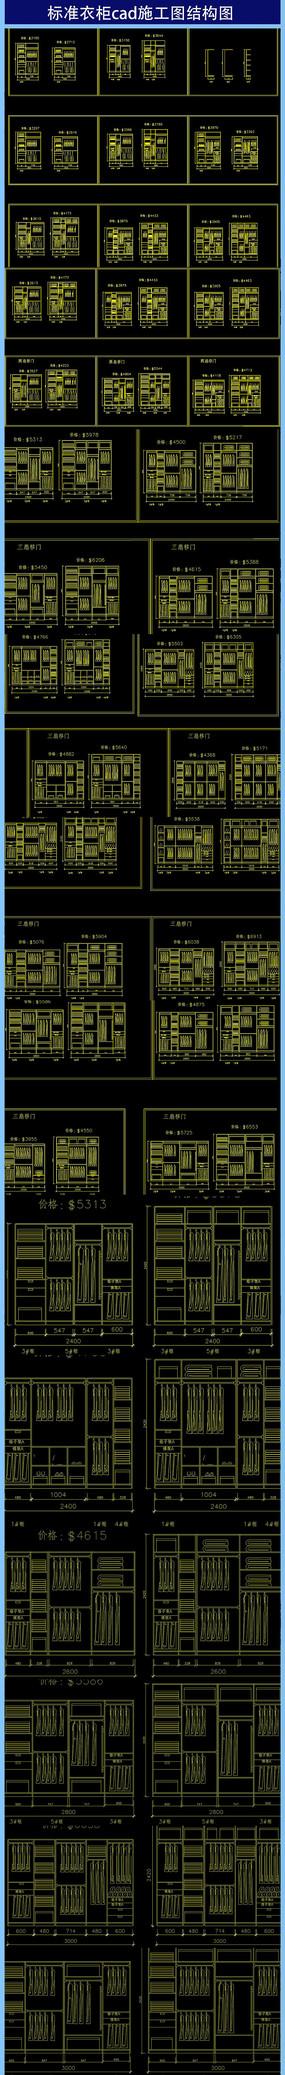 标准衣柜cad施工图结构图